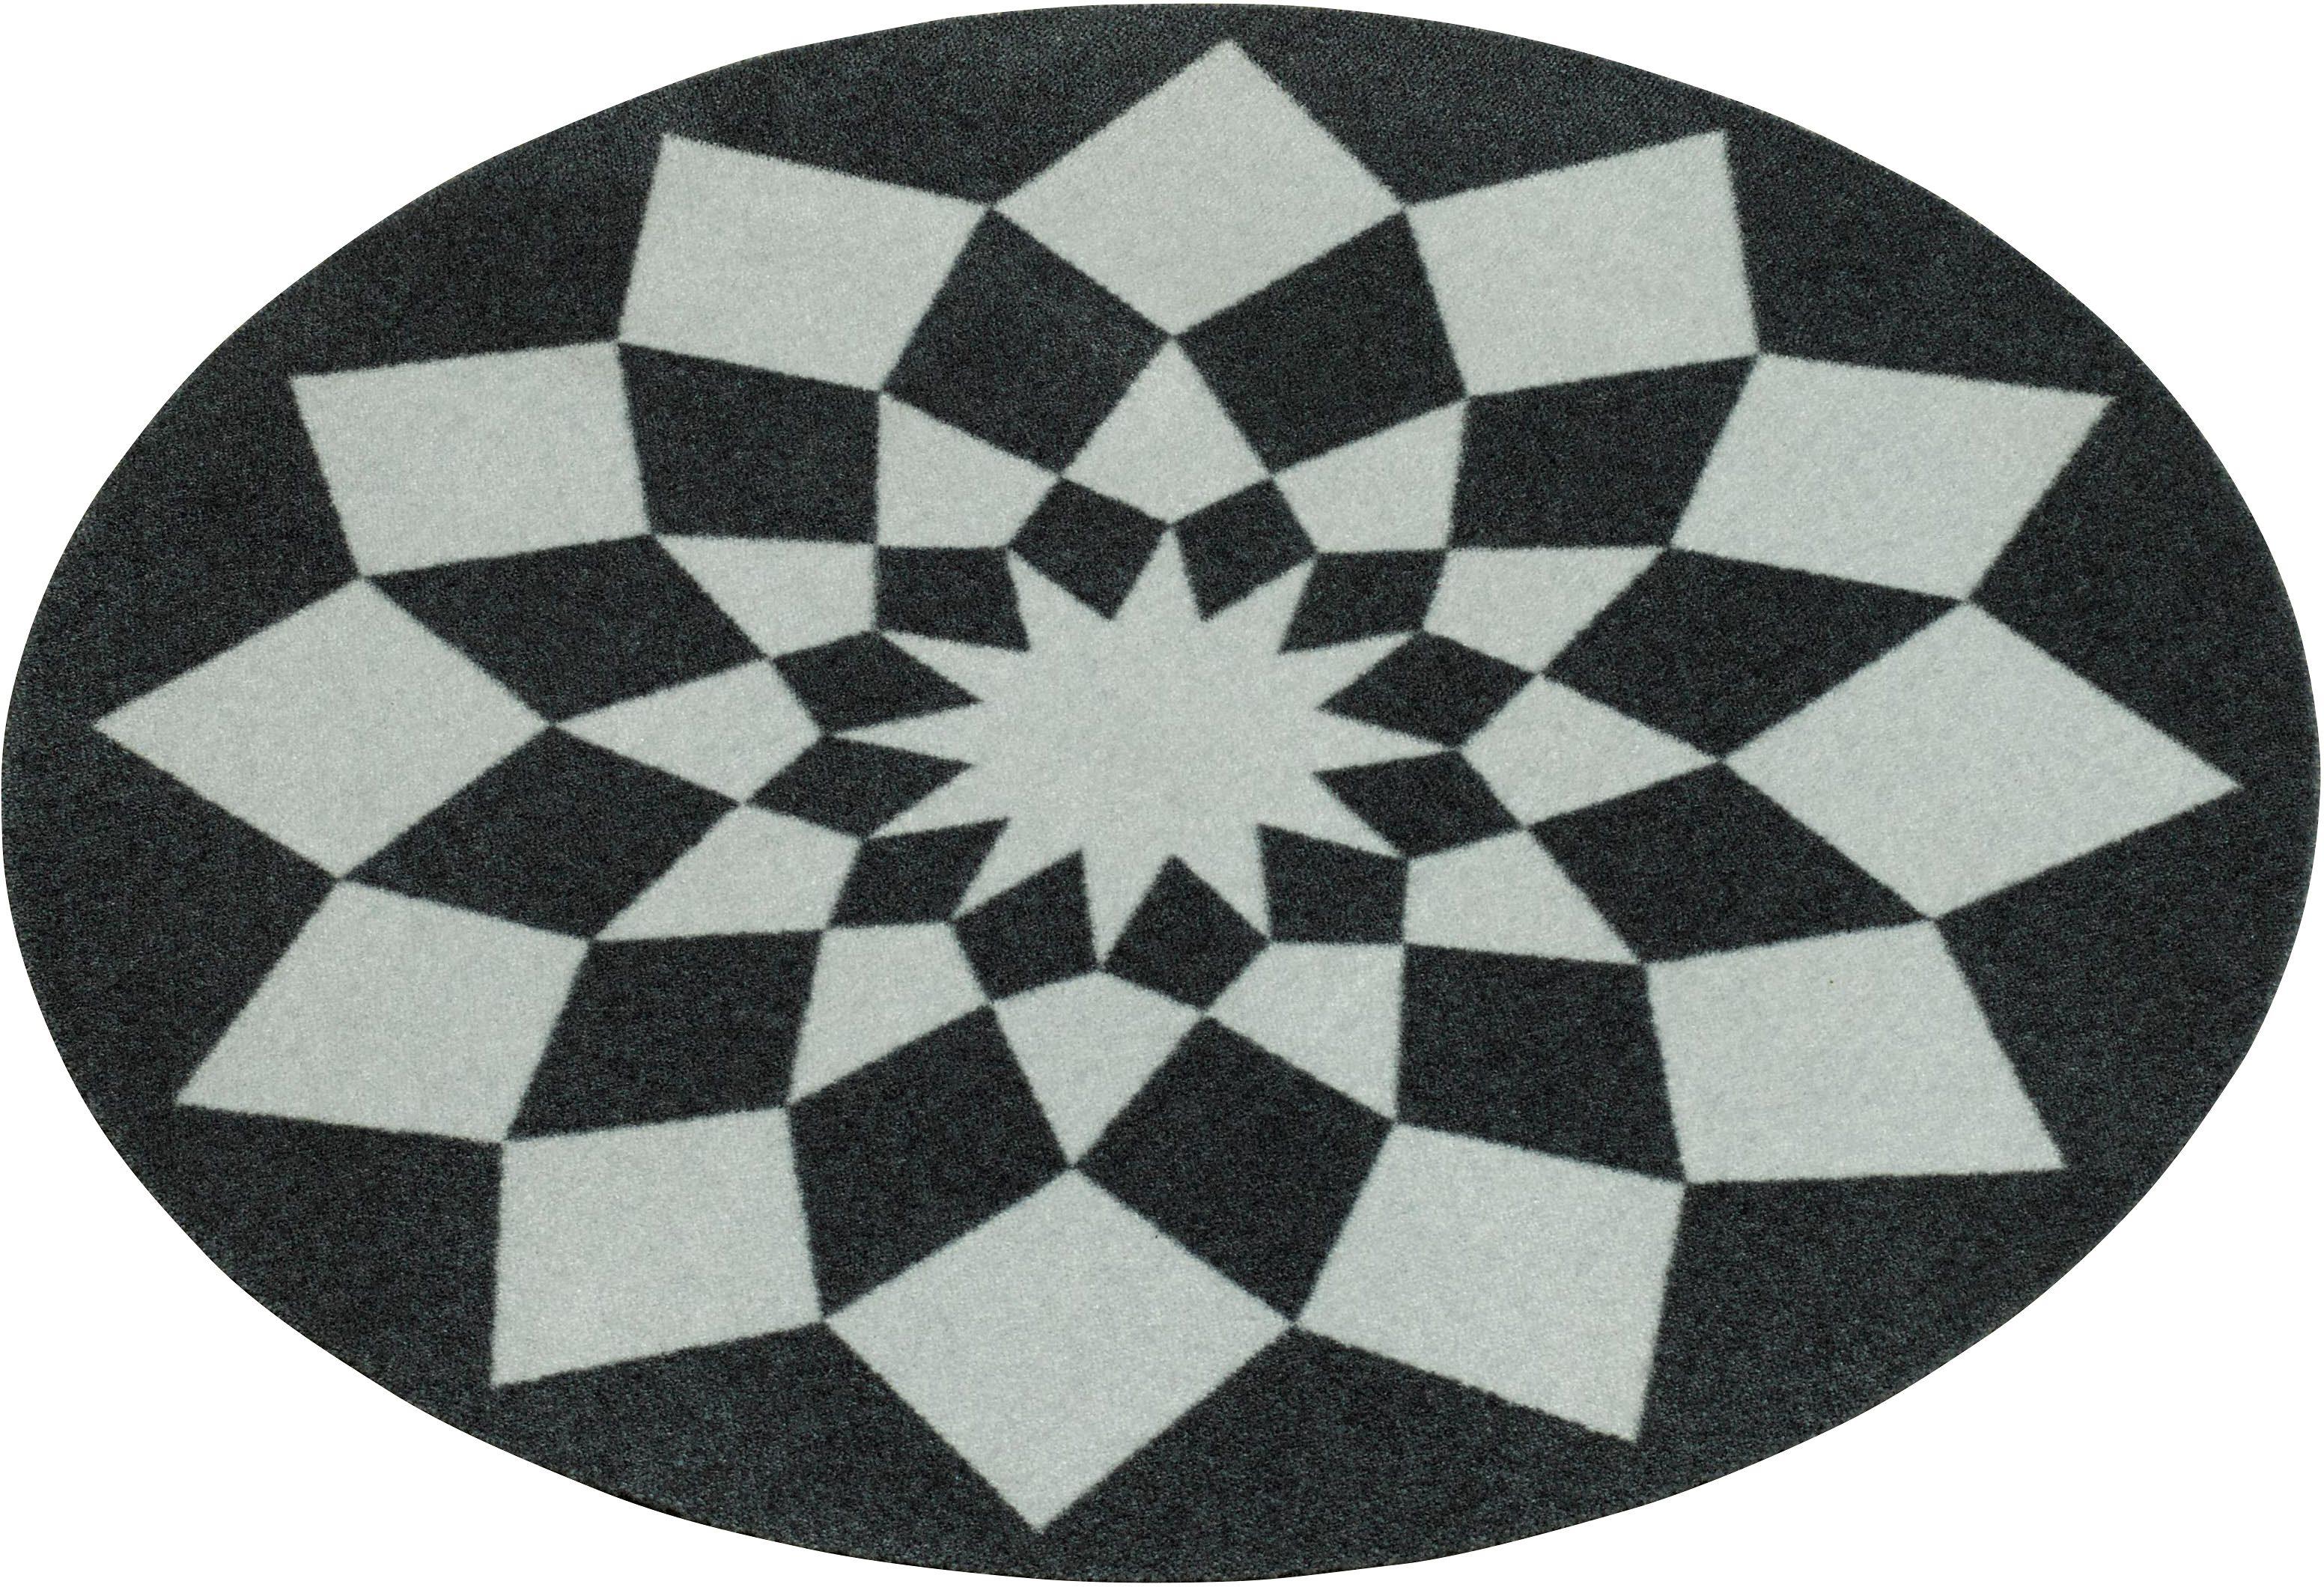 Teppich »Tribal«, rund, Zala Living, getuftet